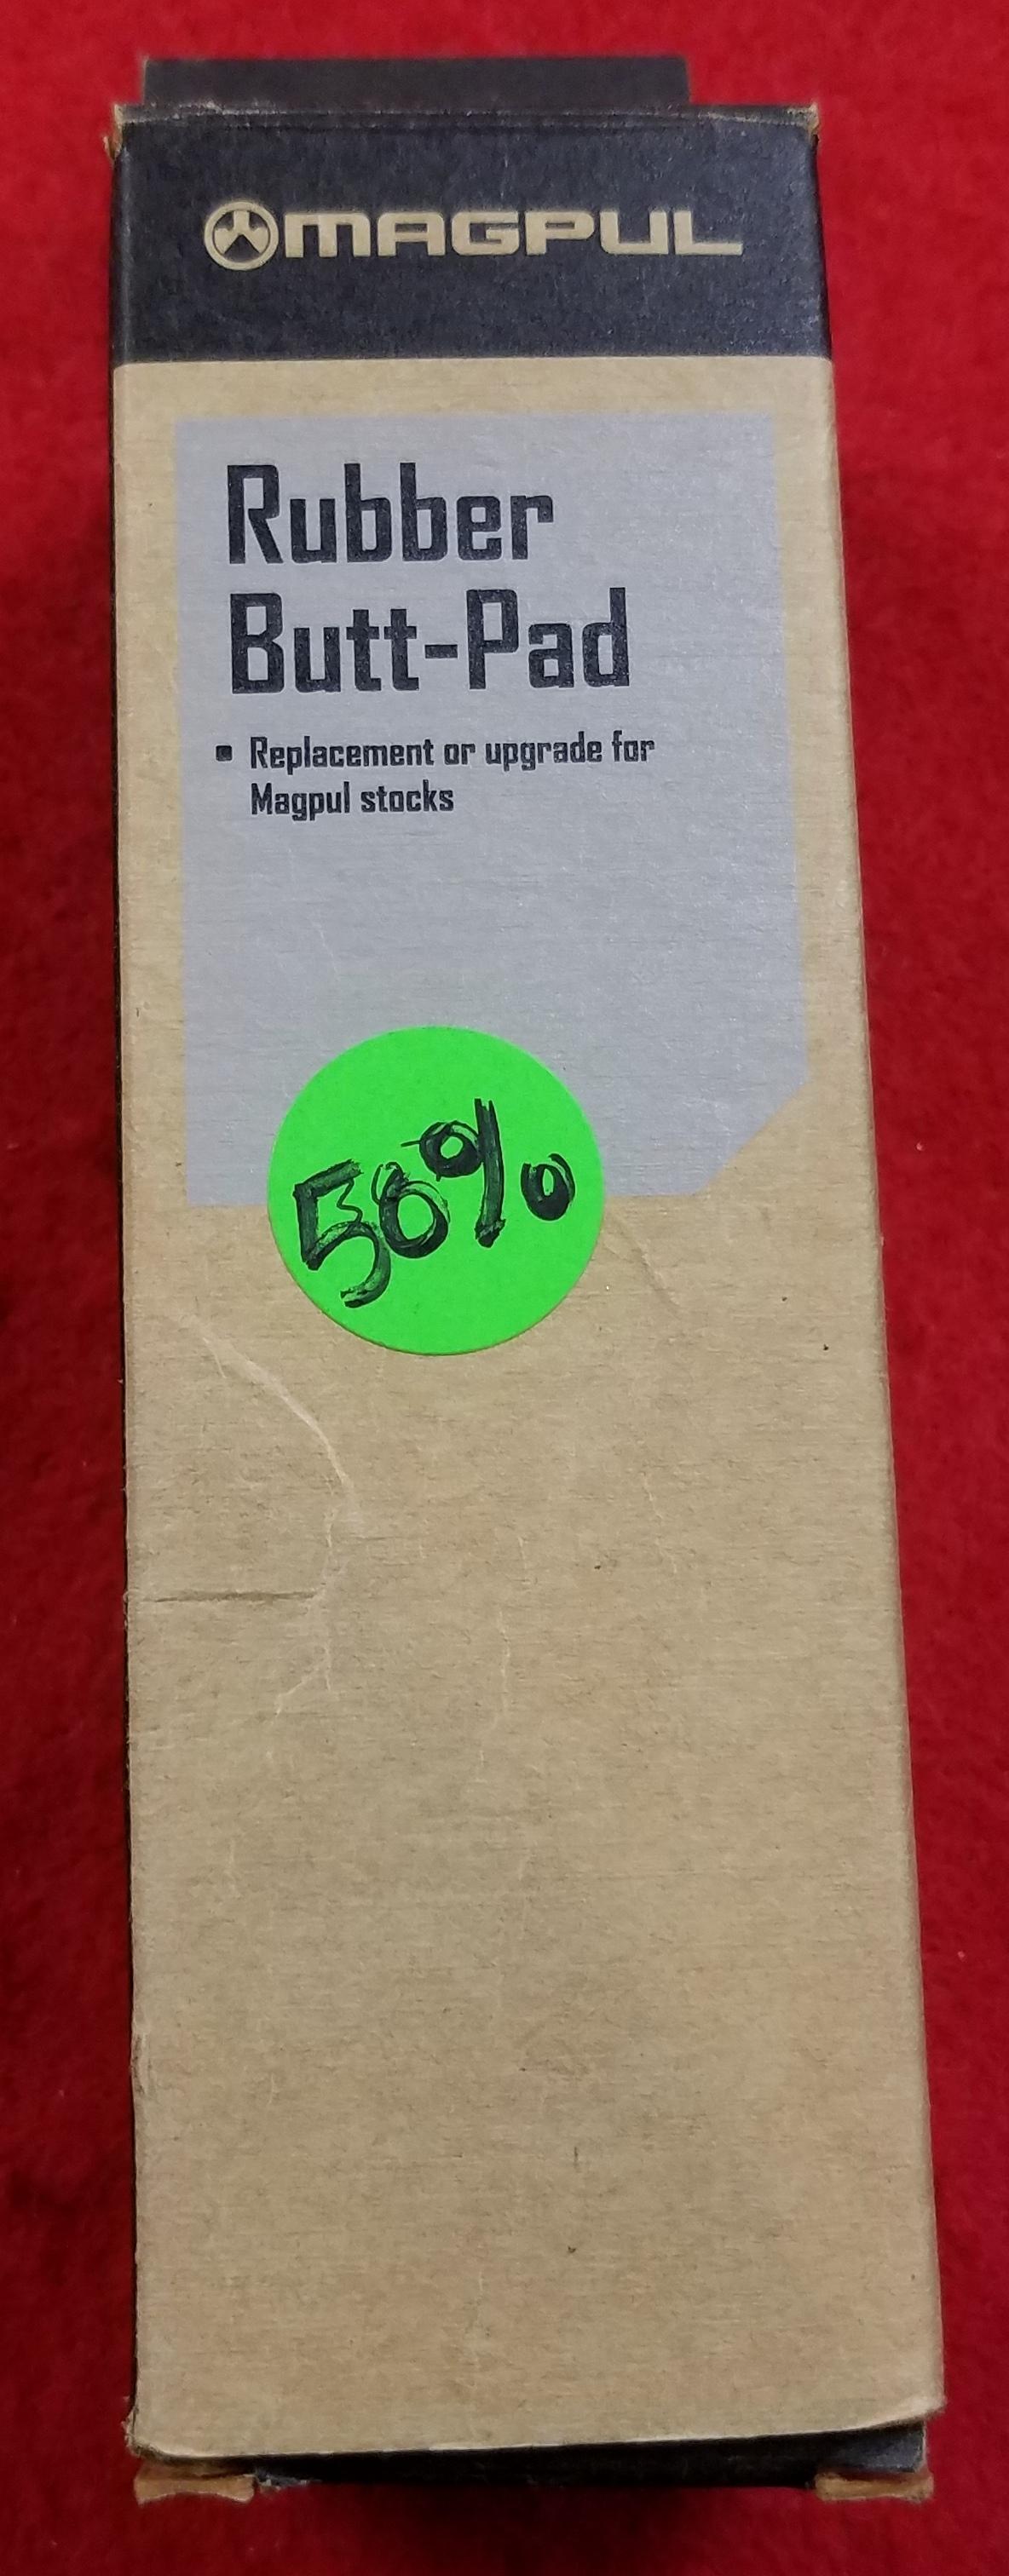 MAGPUL - MAG315-BLK - RECOIL MPI BUT PAD RUBBER .30